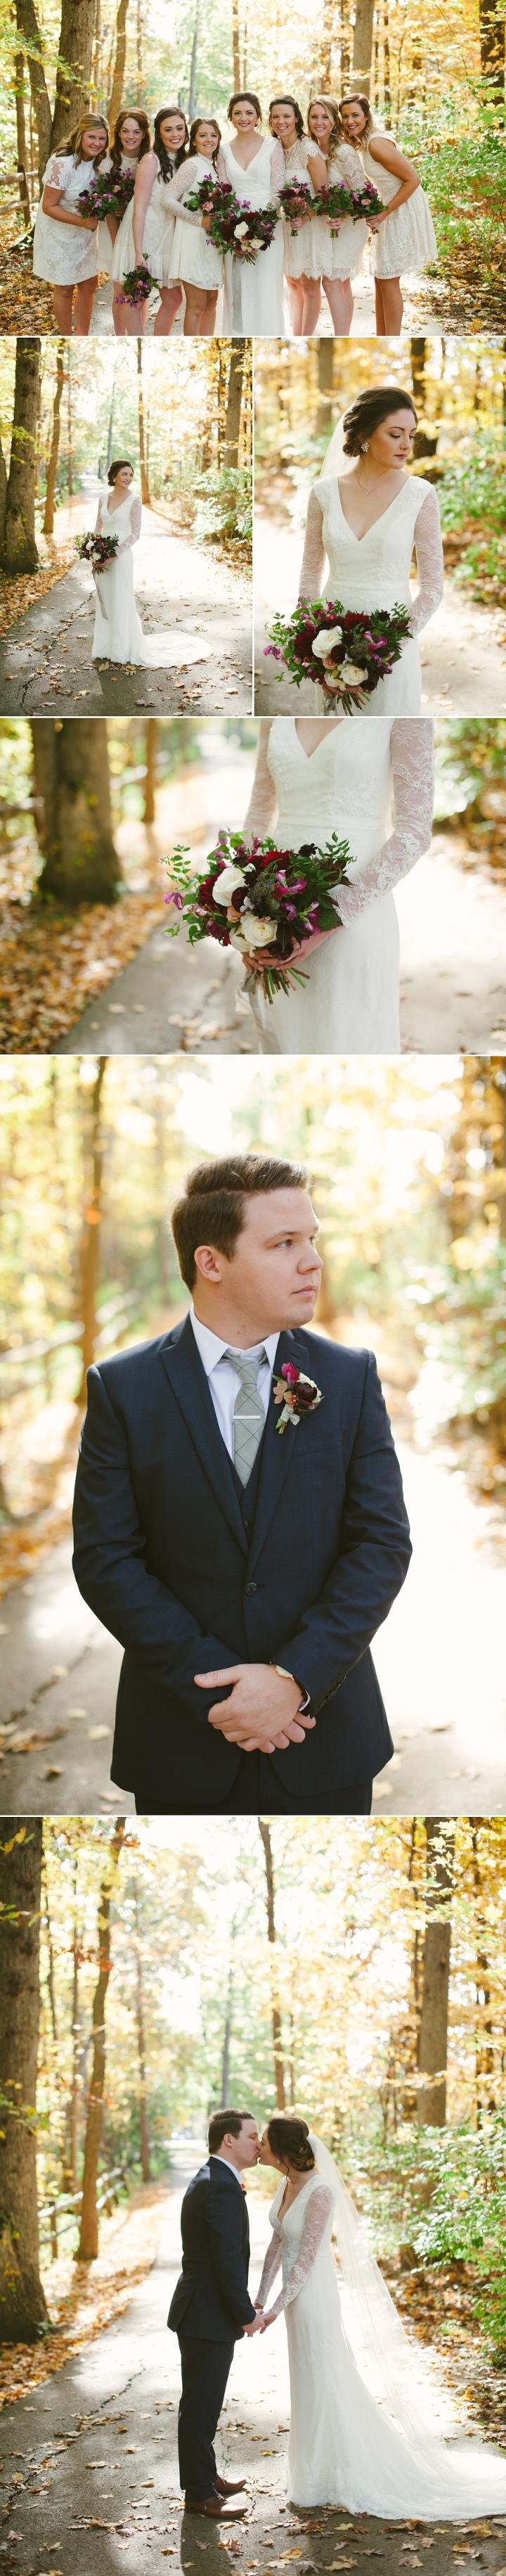 Laura and Matt Married 5